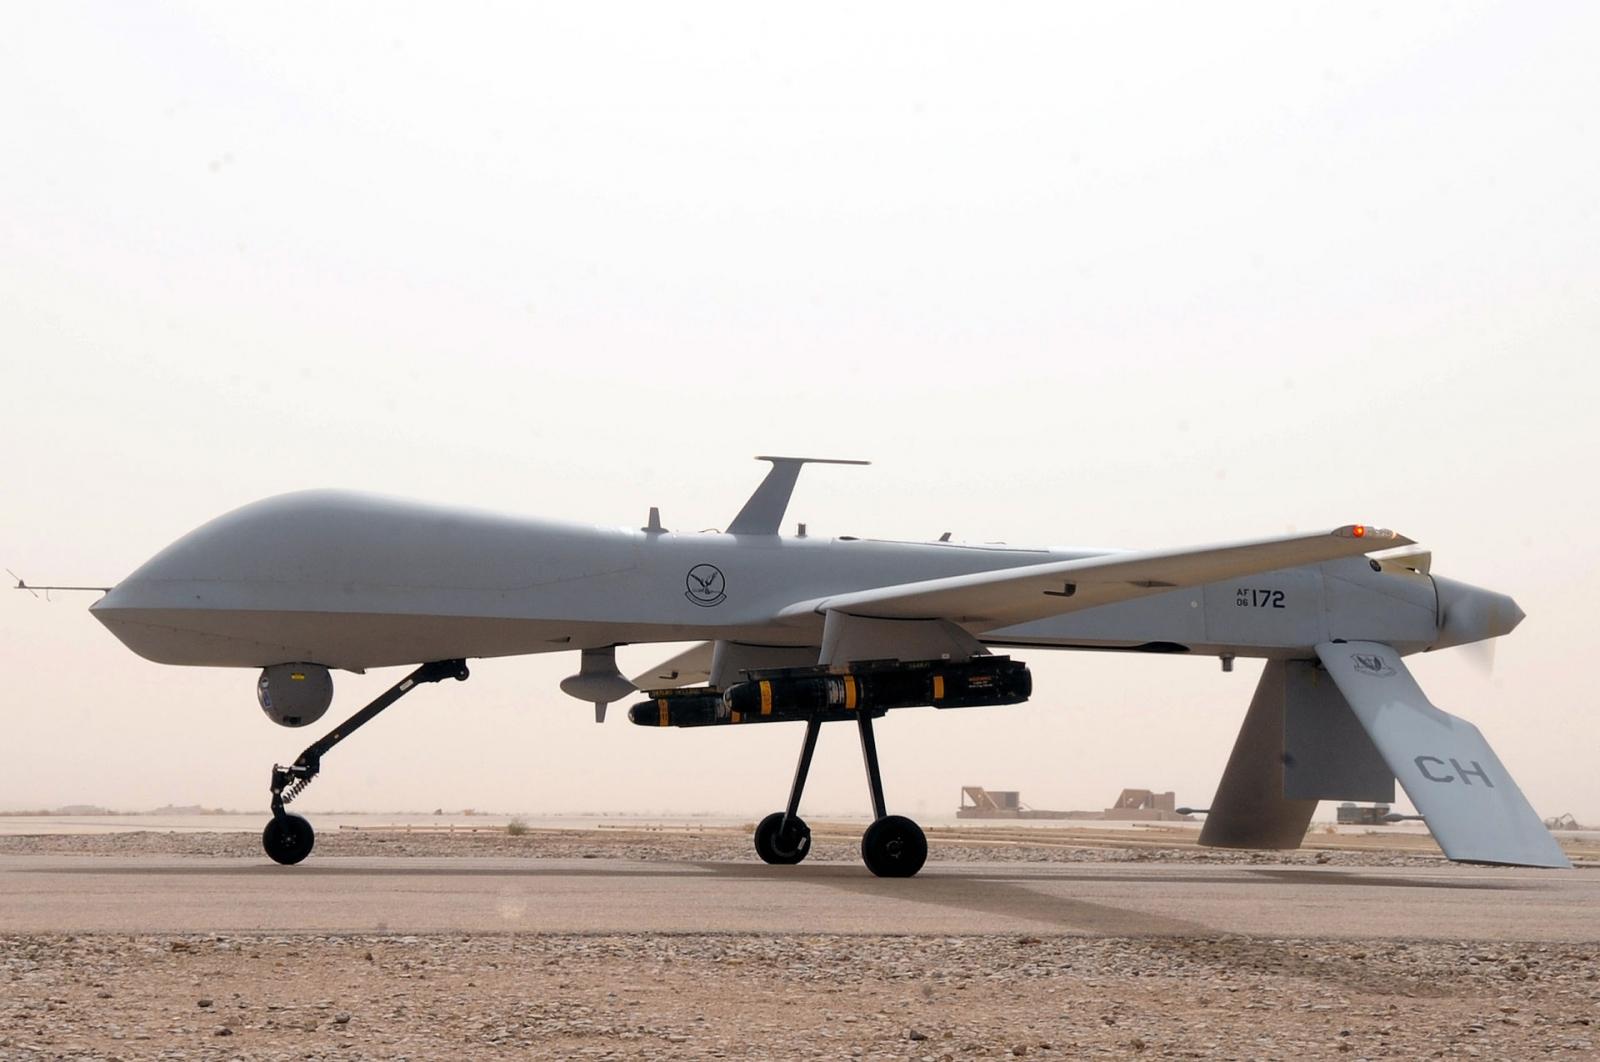 MQ-1 US Air Force military drone